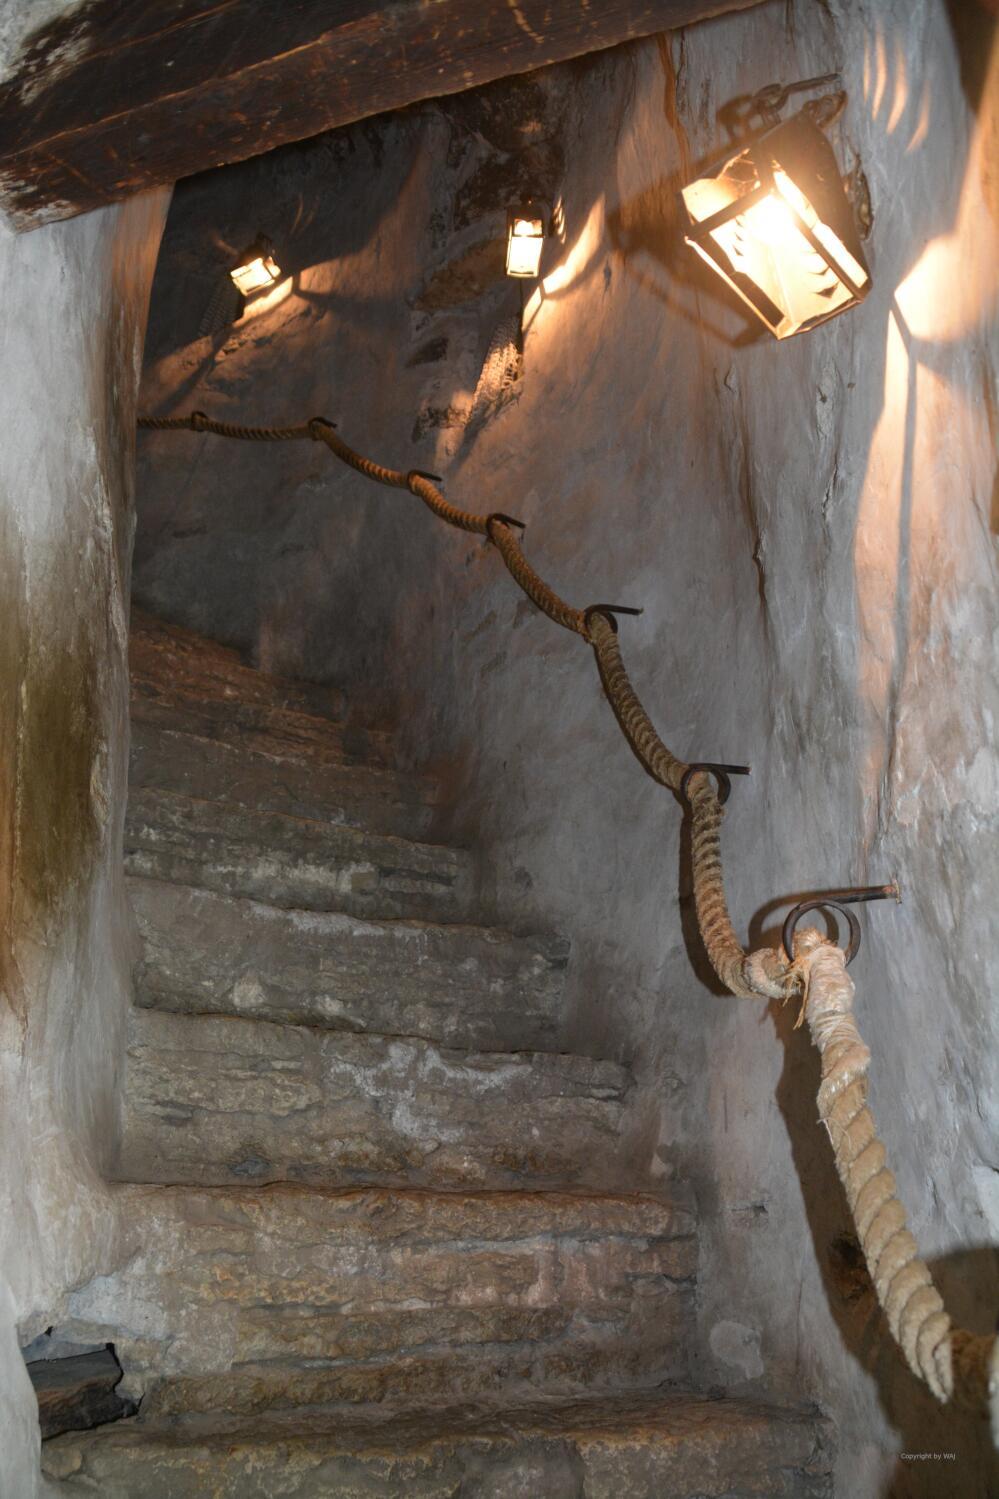 die Treppe hinauf schwer zu erobern ...